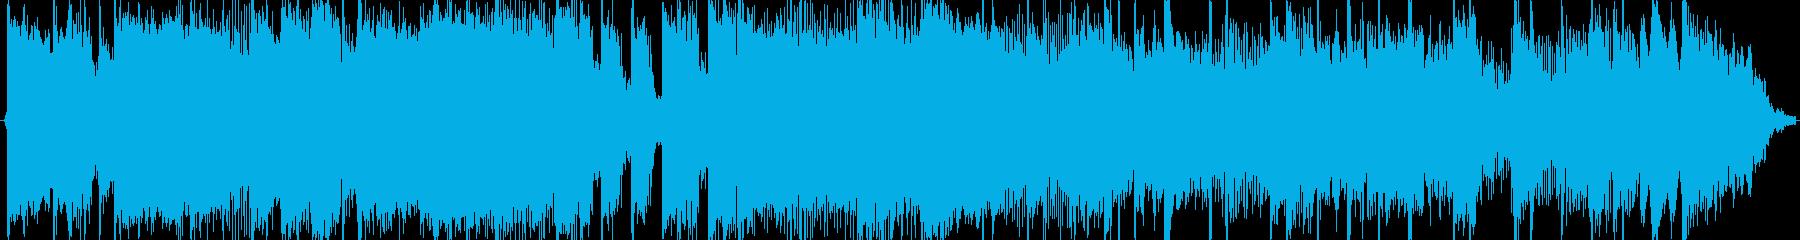 Funkyな登場系ジングルです。の再生済みの波形